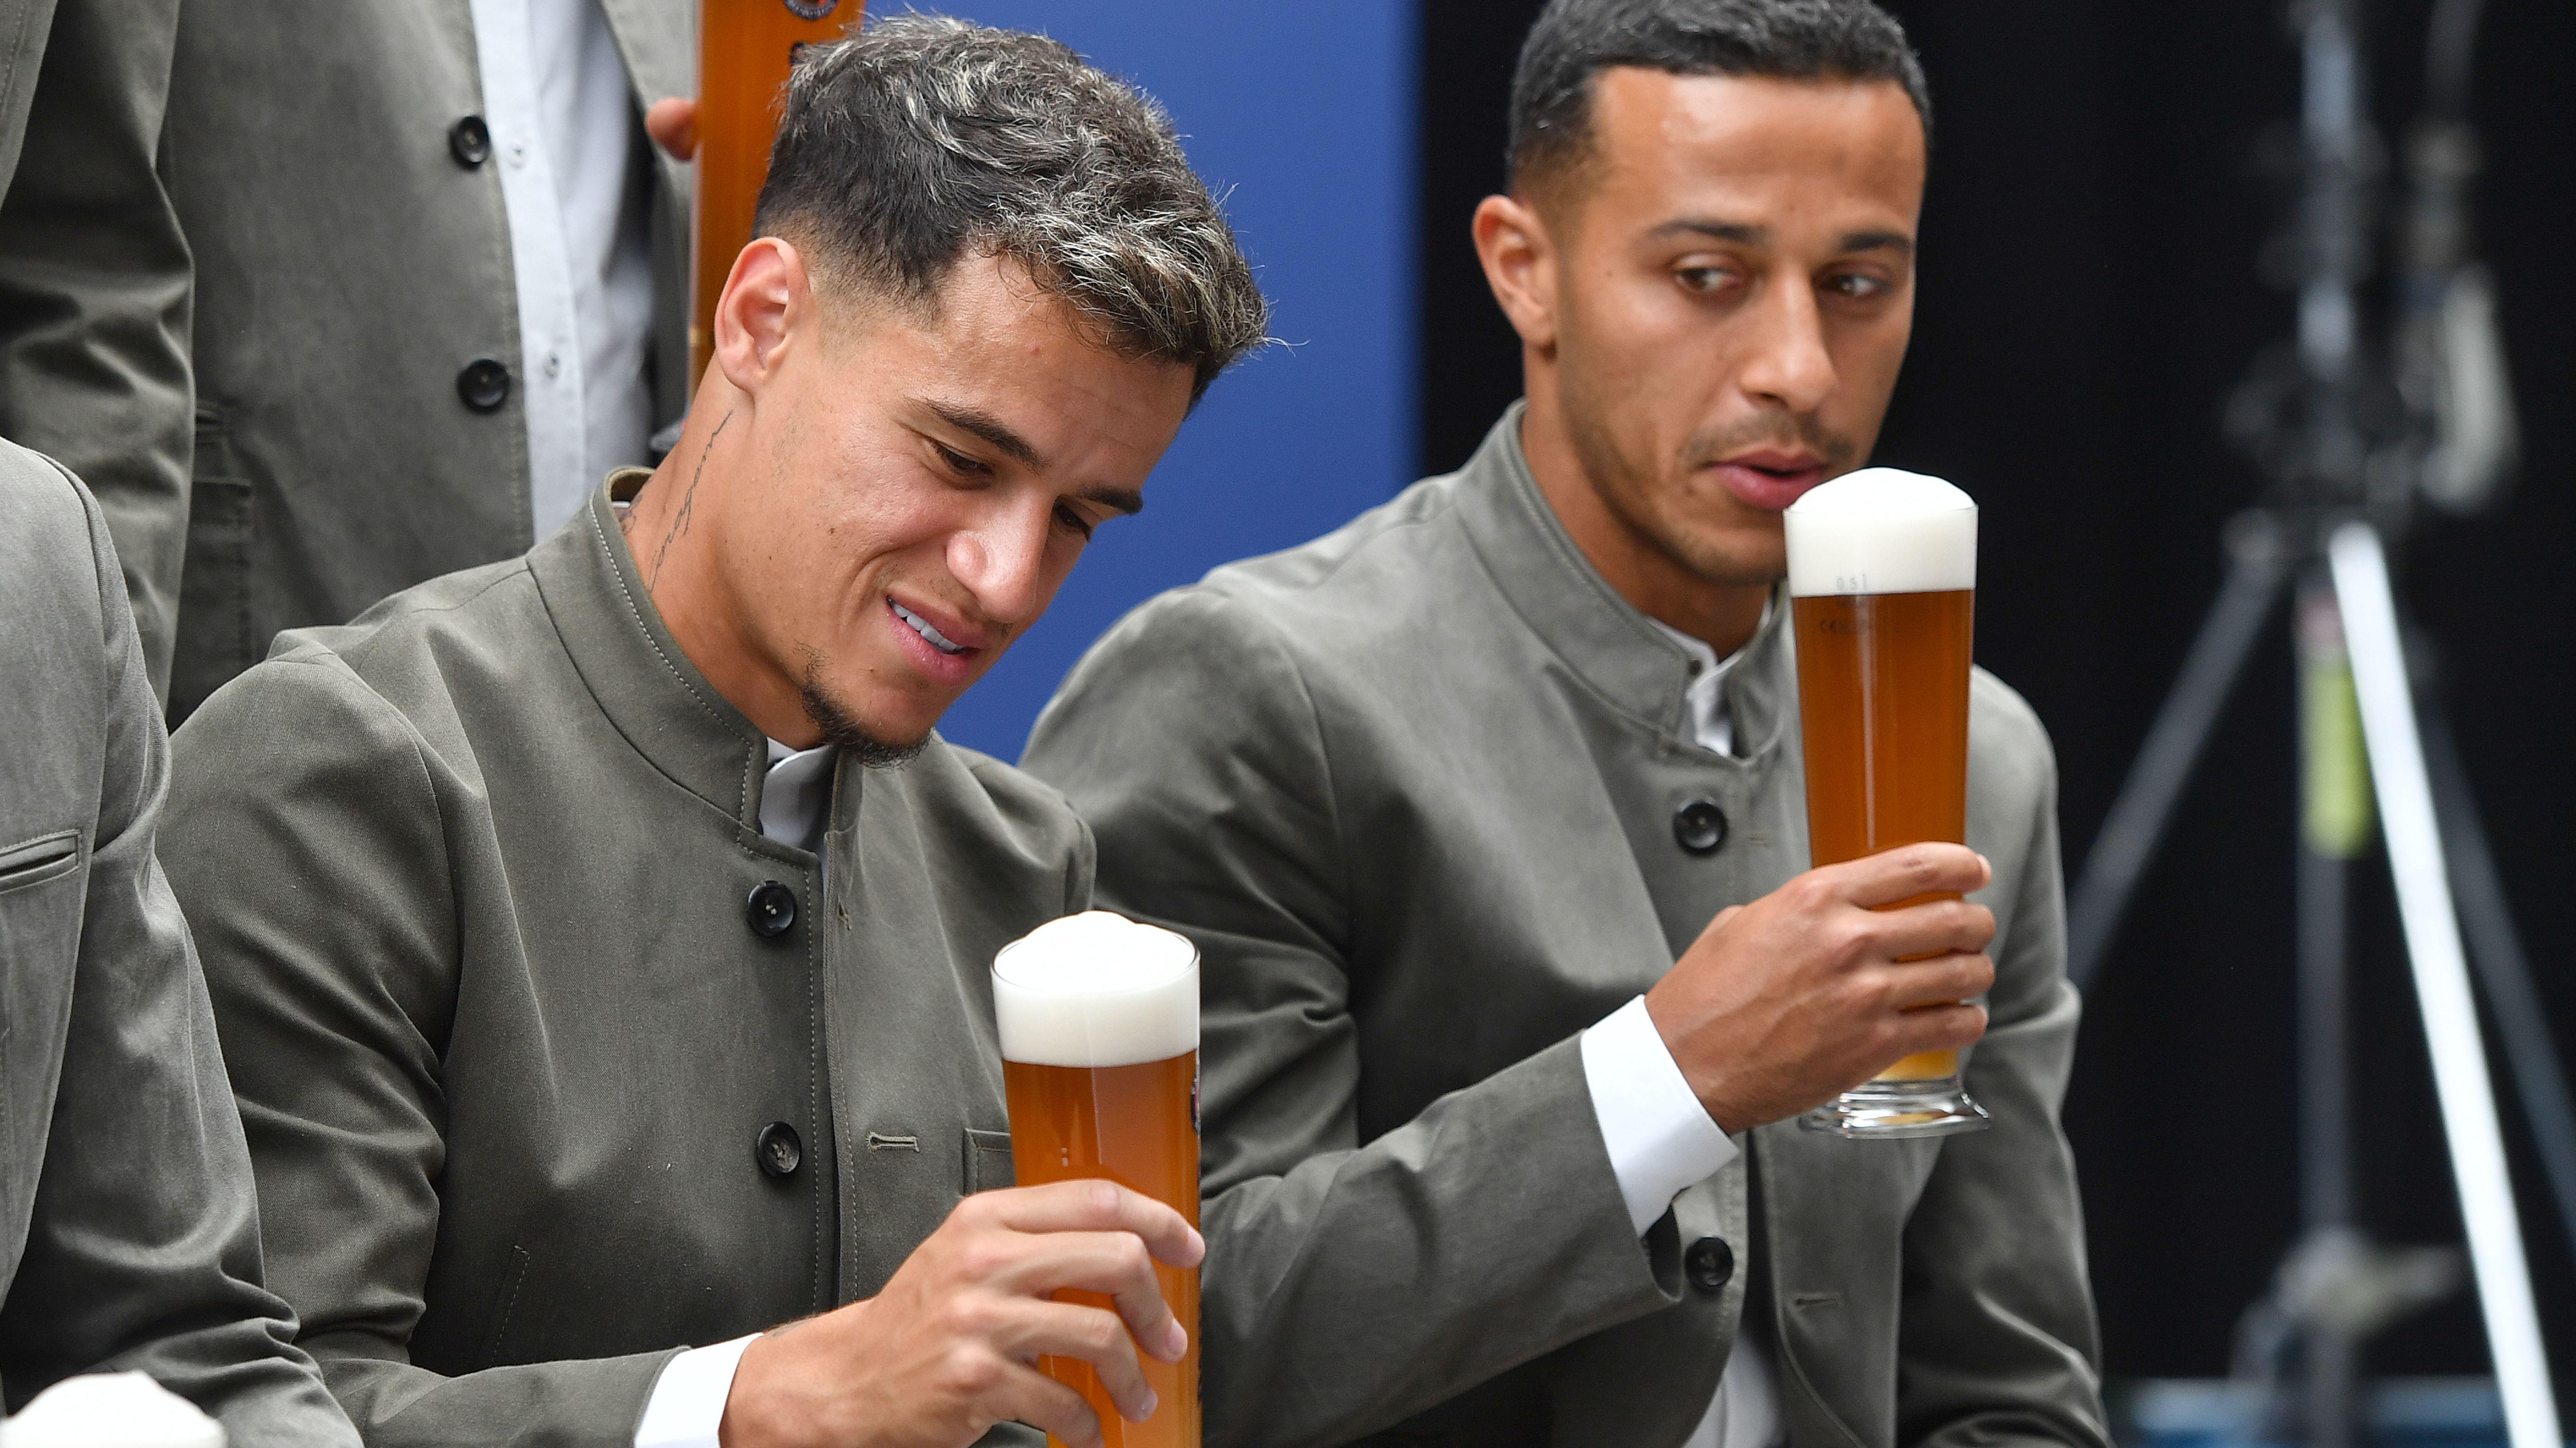 Philippe Coutinho und Thiago vom FC Bayern mit Weissbier und Lederhosen